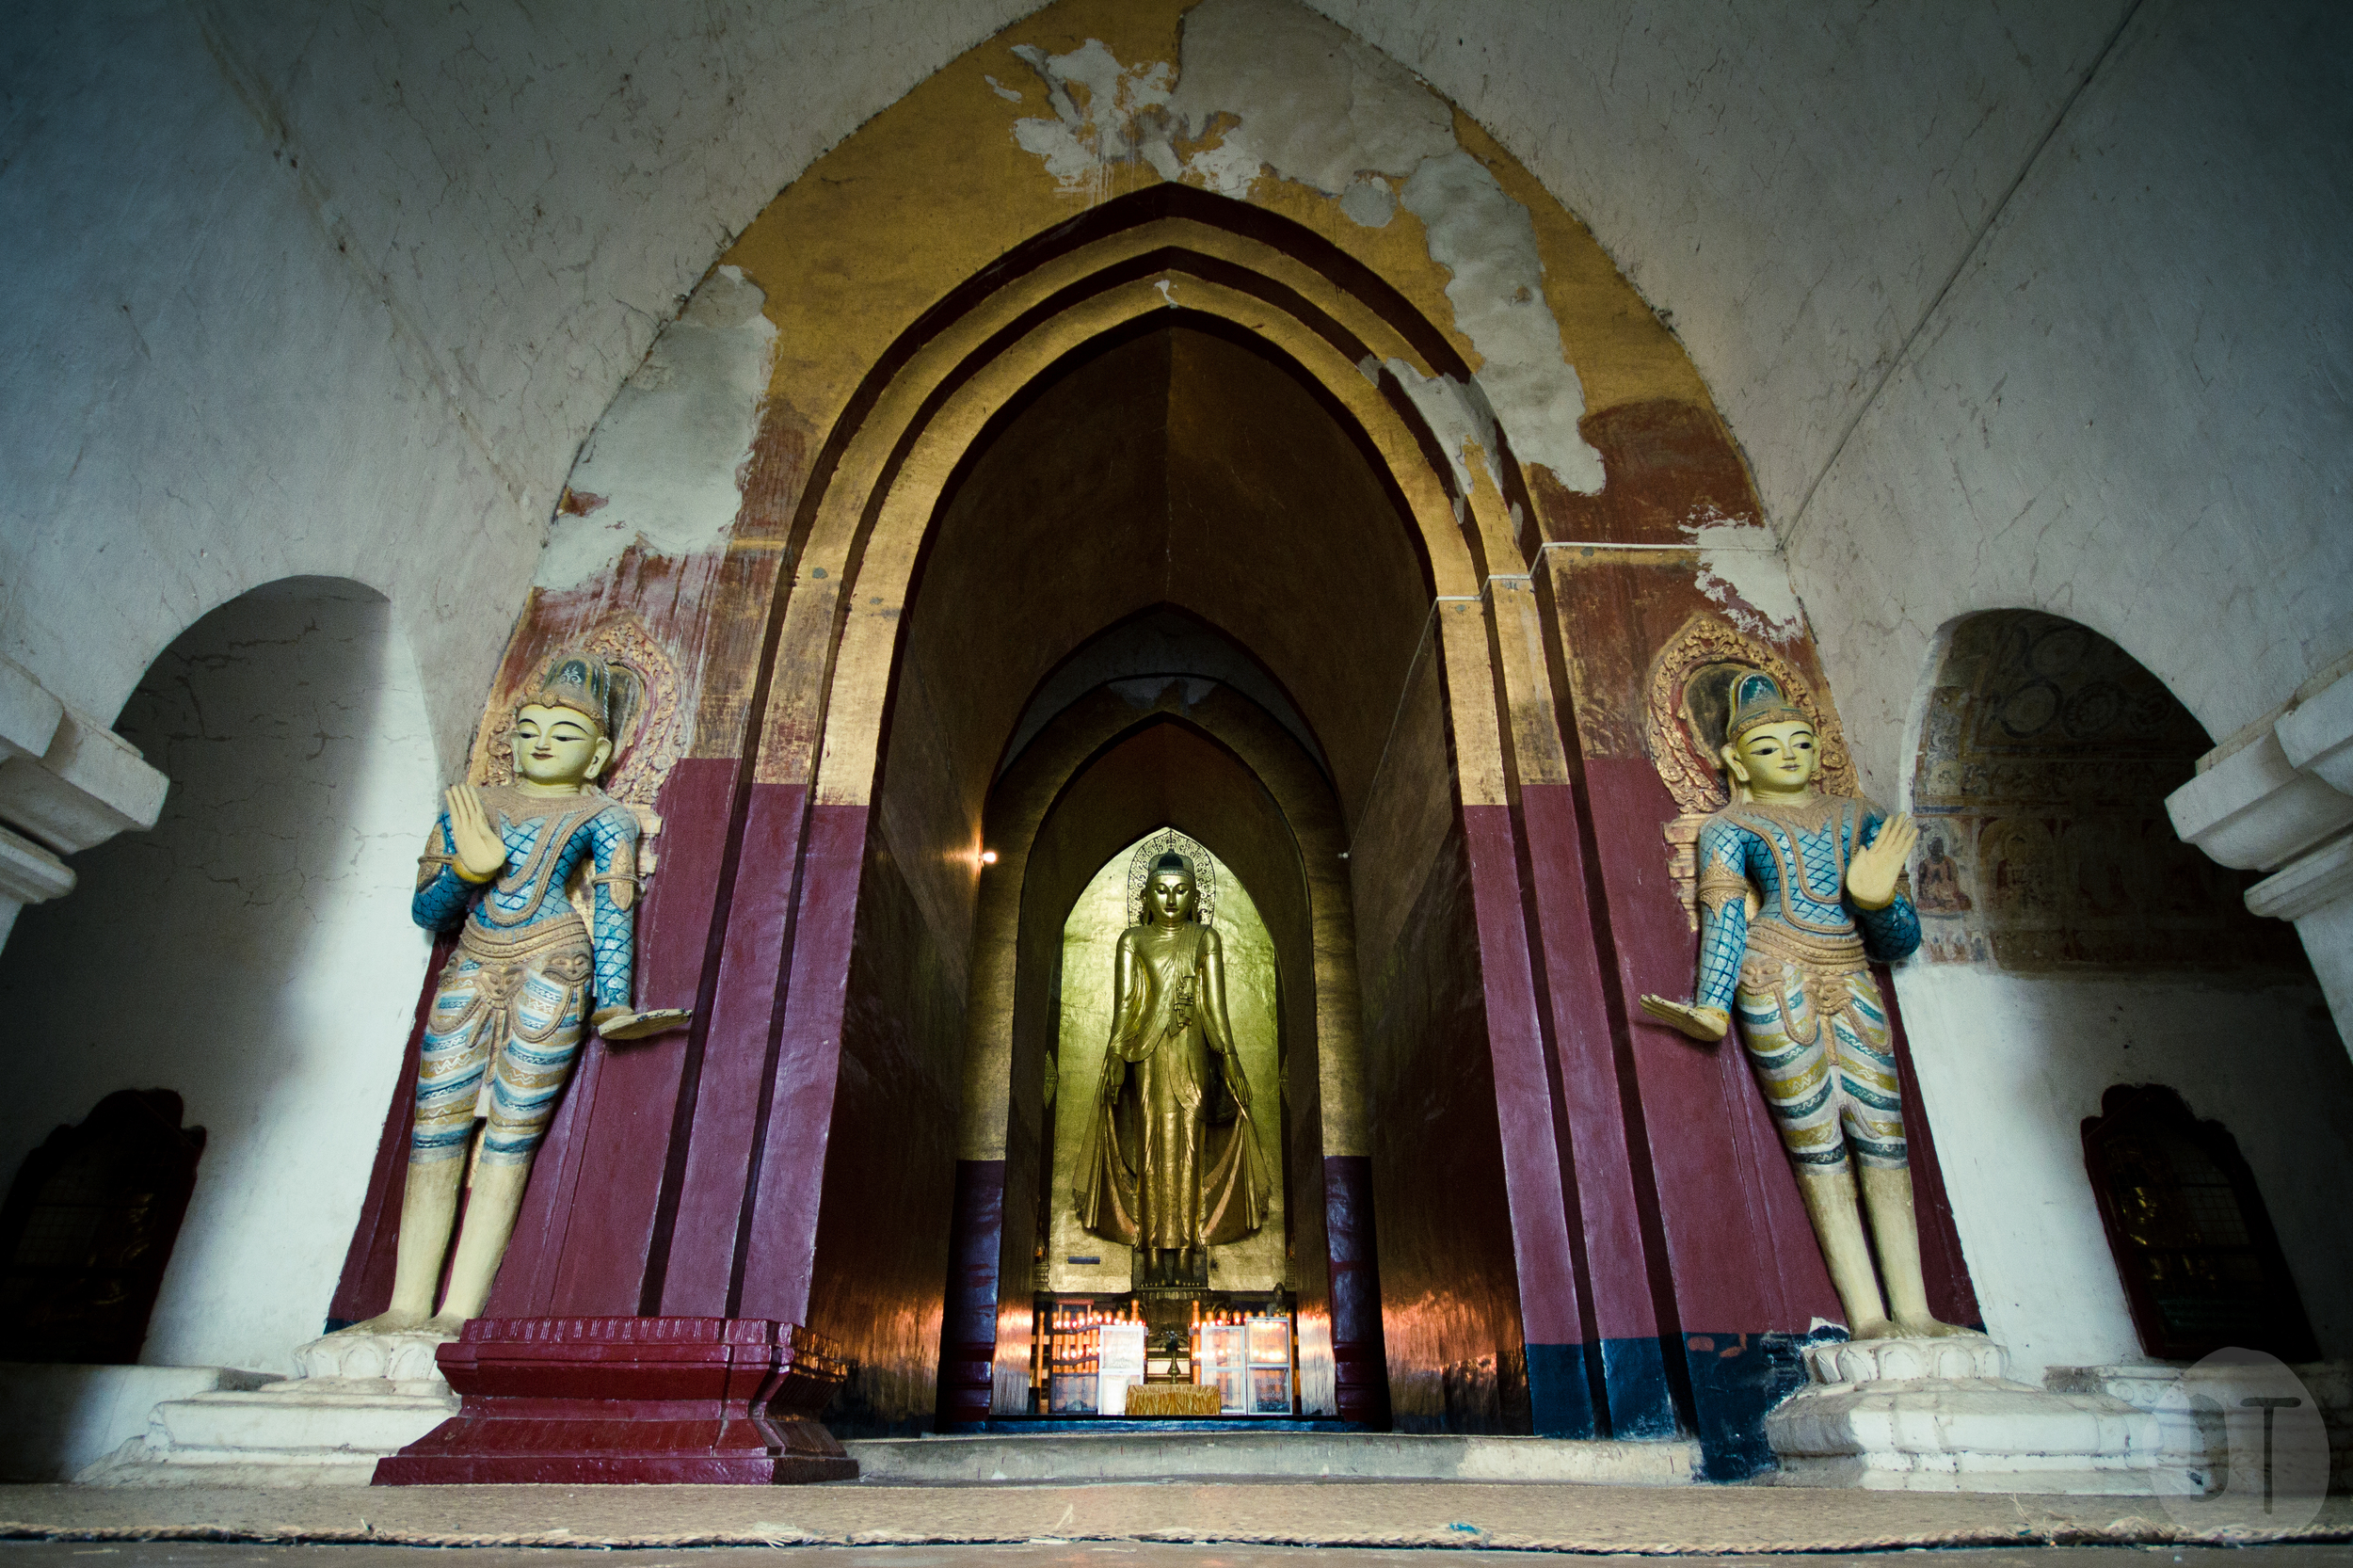 Ecclesiastical architecture.